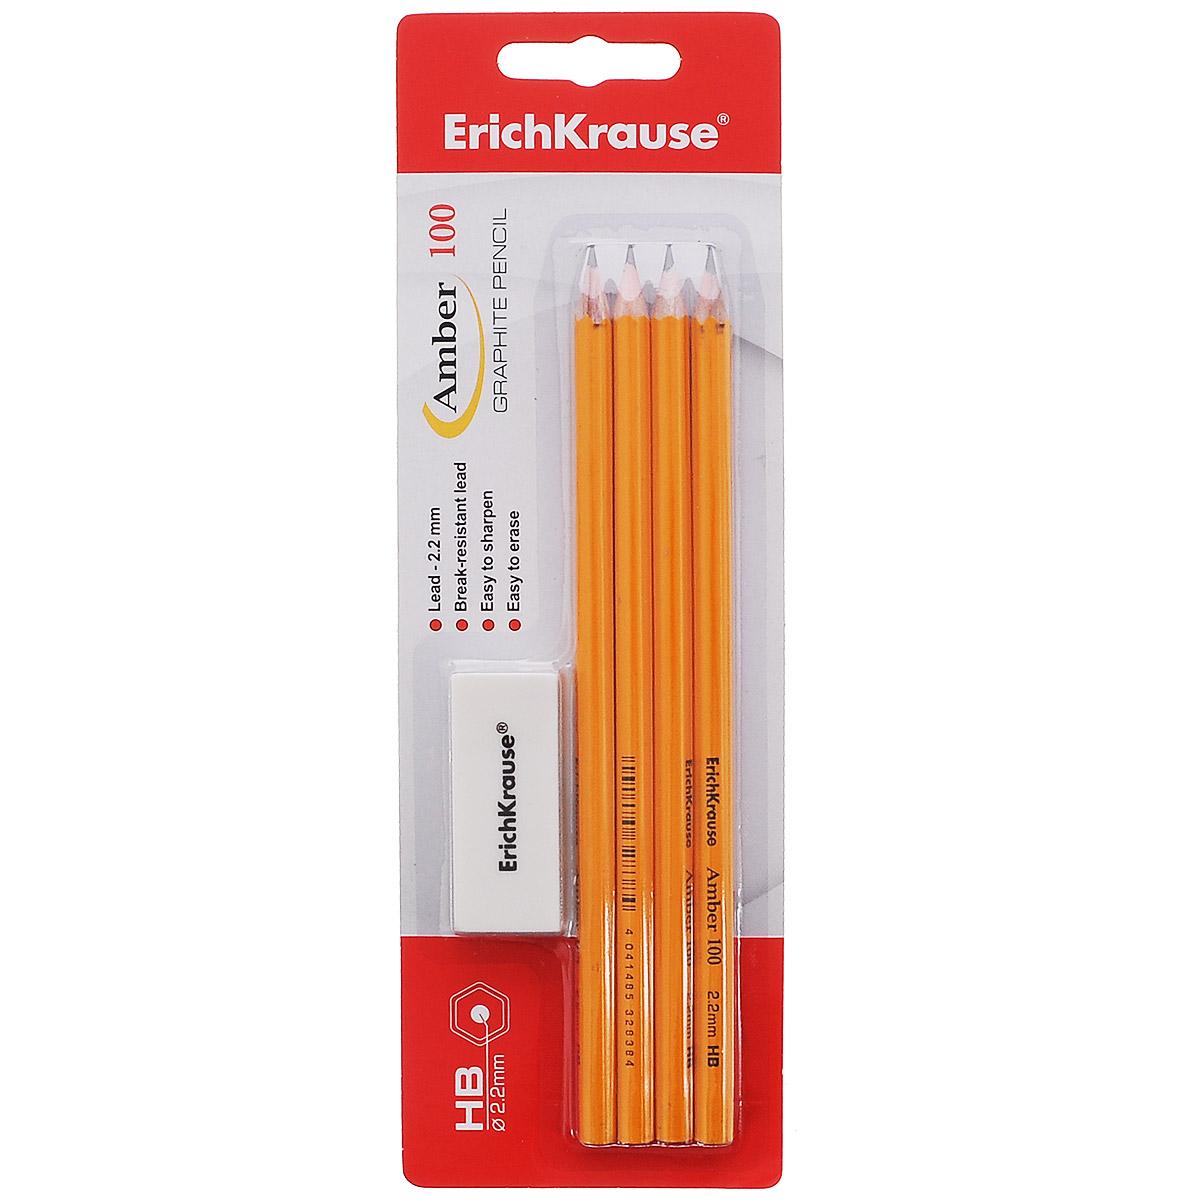 Карандаш чернографитный Erich Krause Amber, 4 шт + ластик32839Чернографитный карандаш Erich Krause Amber - идеальный инструмент для письма, рисования и черчения. Шестигранный корпус желтого цвета выполнен из натуральной древесины. Высококачественный ударопрочный грифель не крошится и не ломается при заточке. В набор входят 4 чернографитных заточенных карандаша твердостью НВ и ластик.